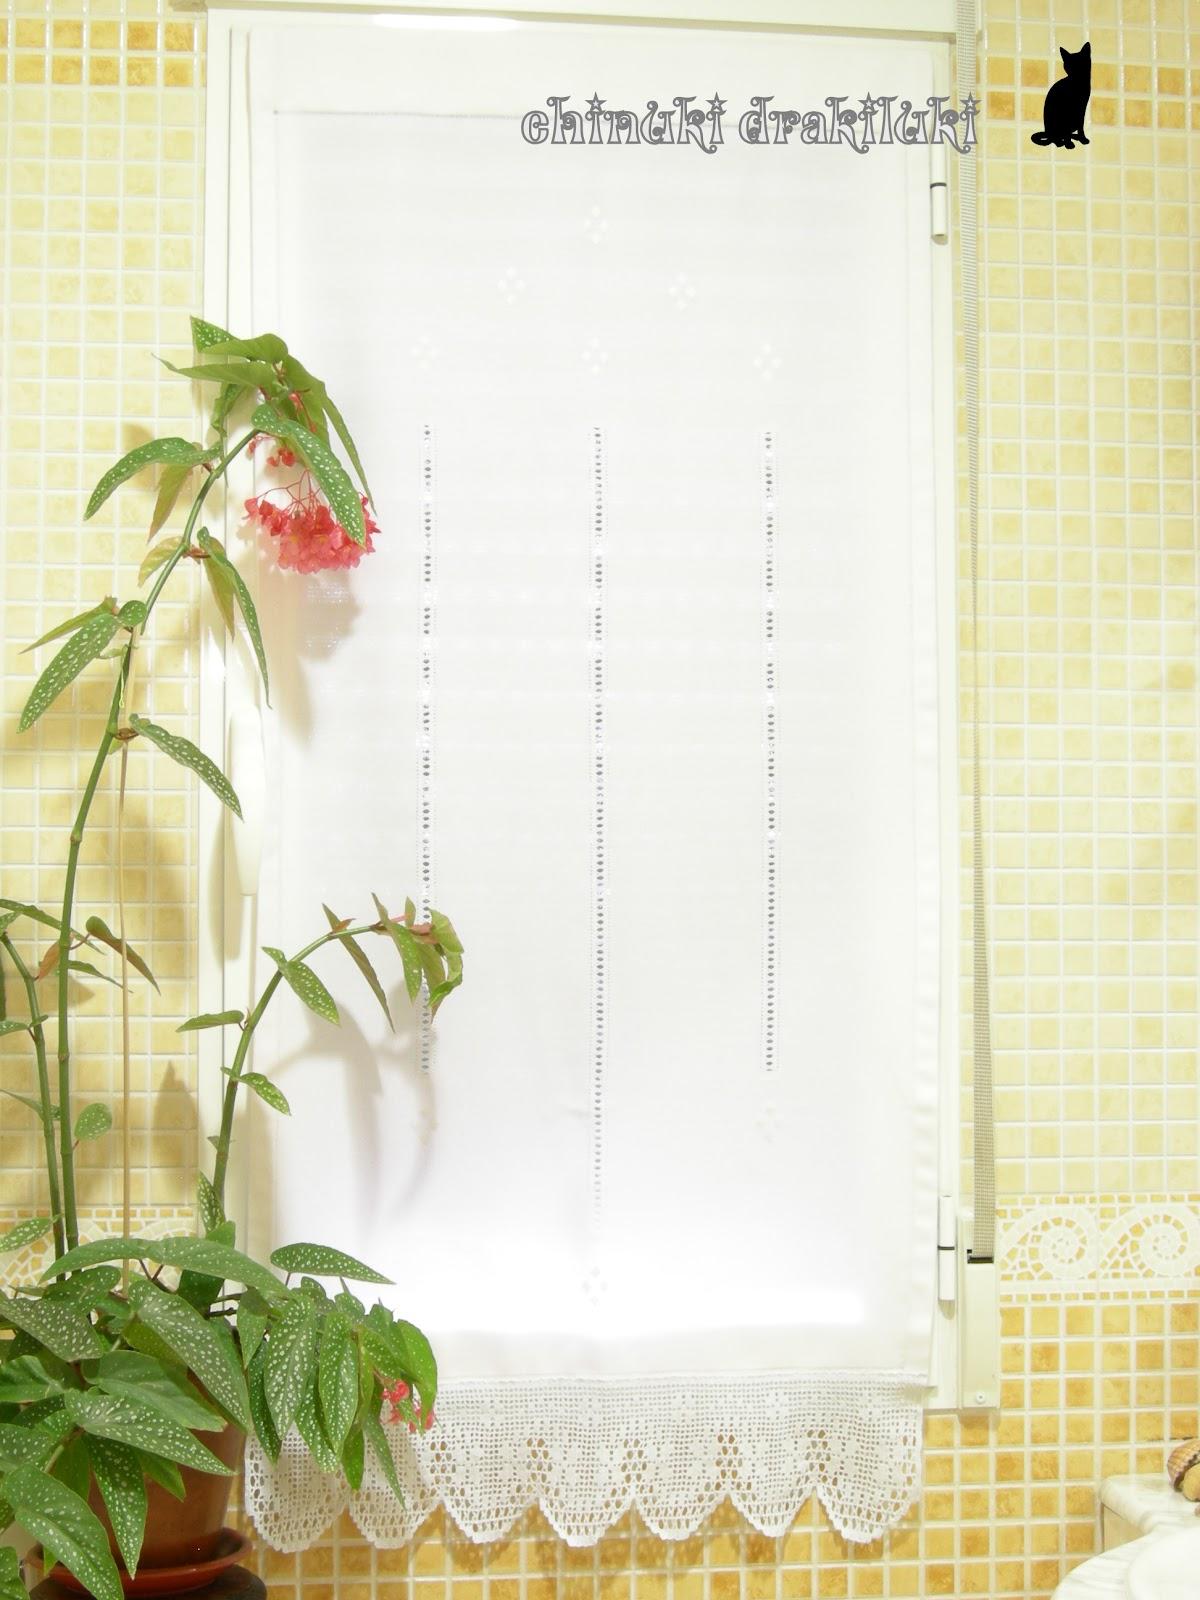 Cortinas De Baño Bordadas:el diario del chinuki drakiluki: Cortina de baño elegante